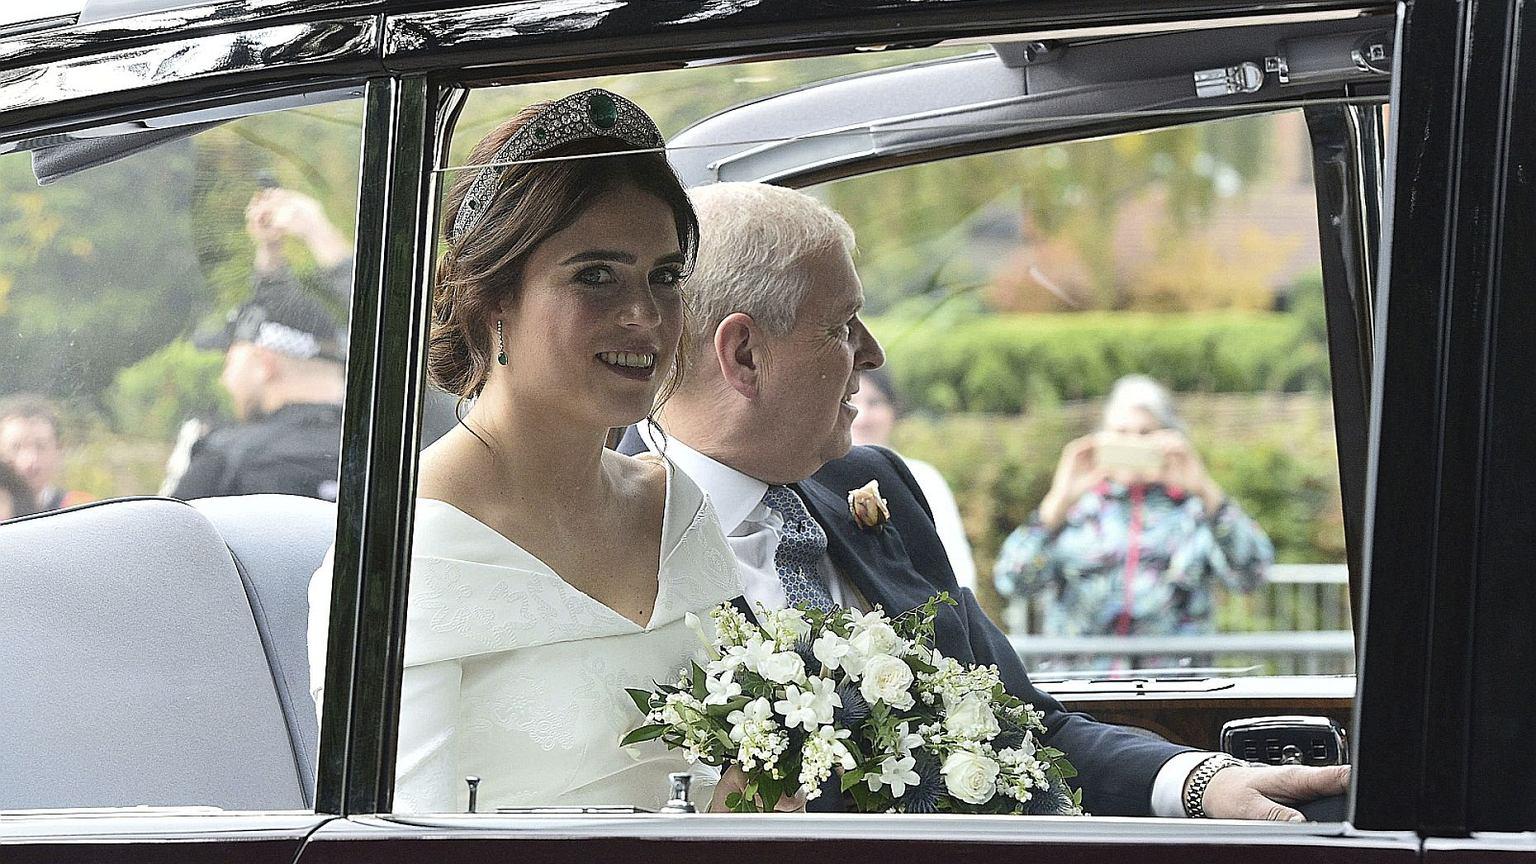 Księżniczka Eugenia wzięła ślub. Gości obowiązywał specjalny dress code